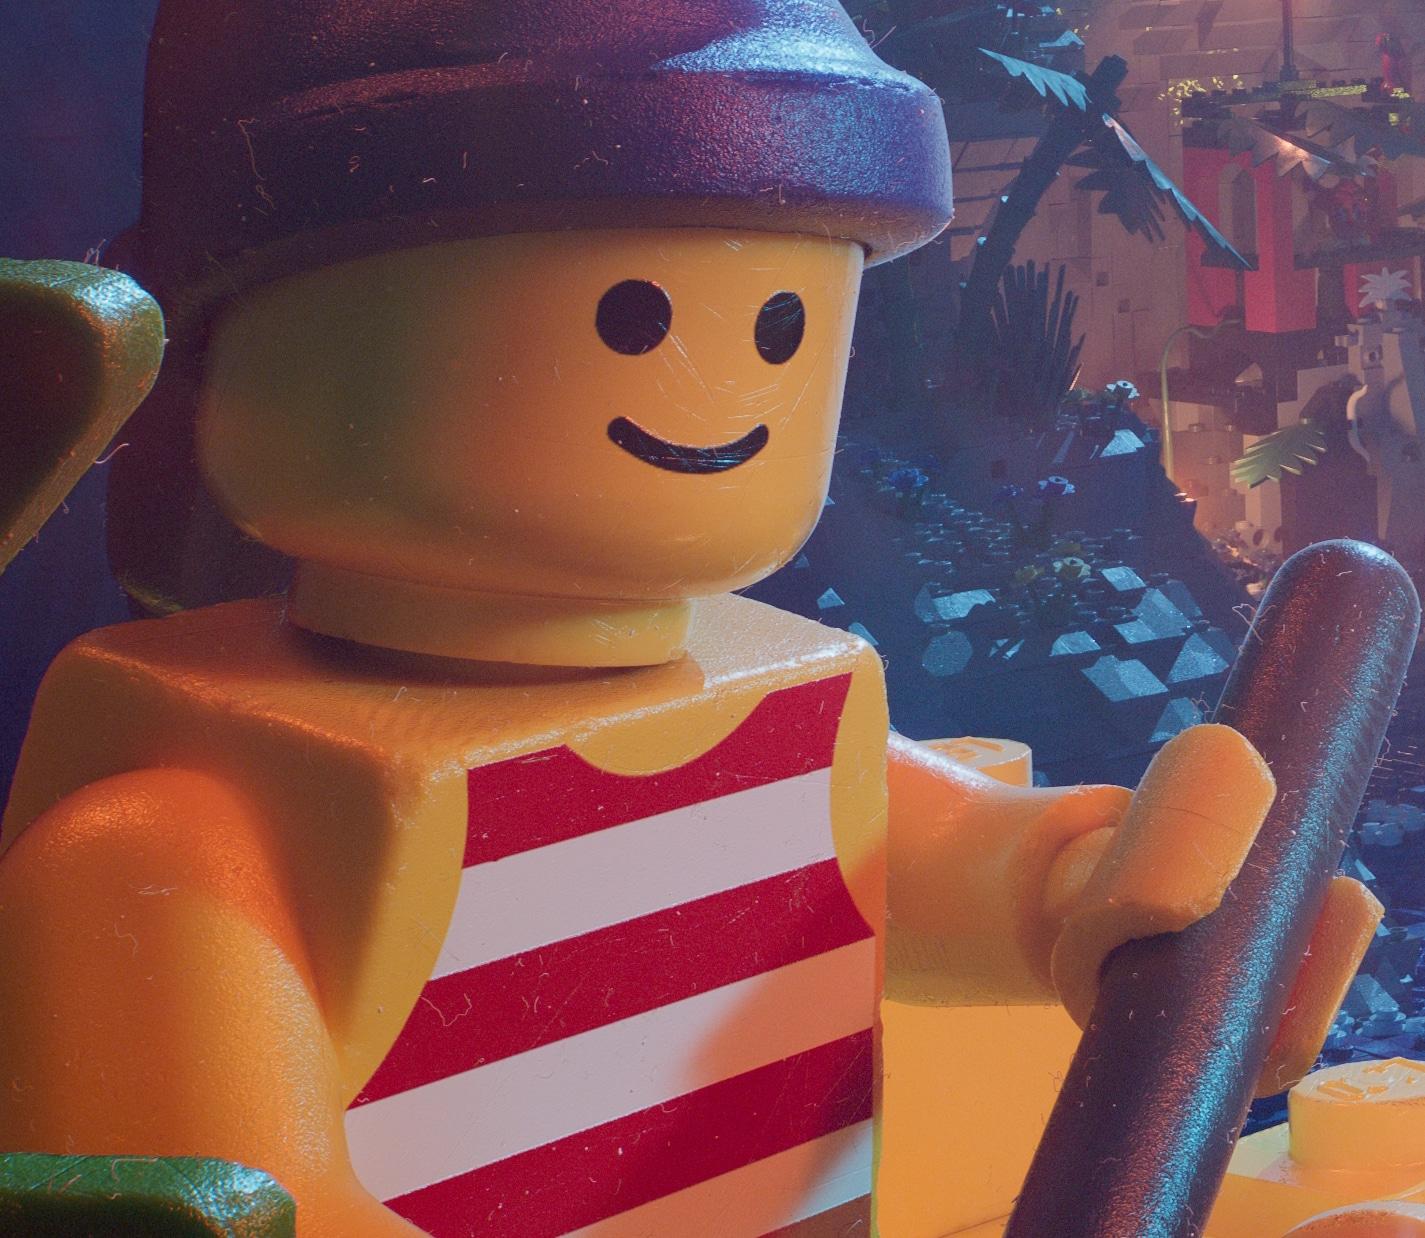 LEGO 90er Piraten Poster Gesicht2